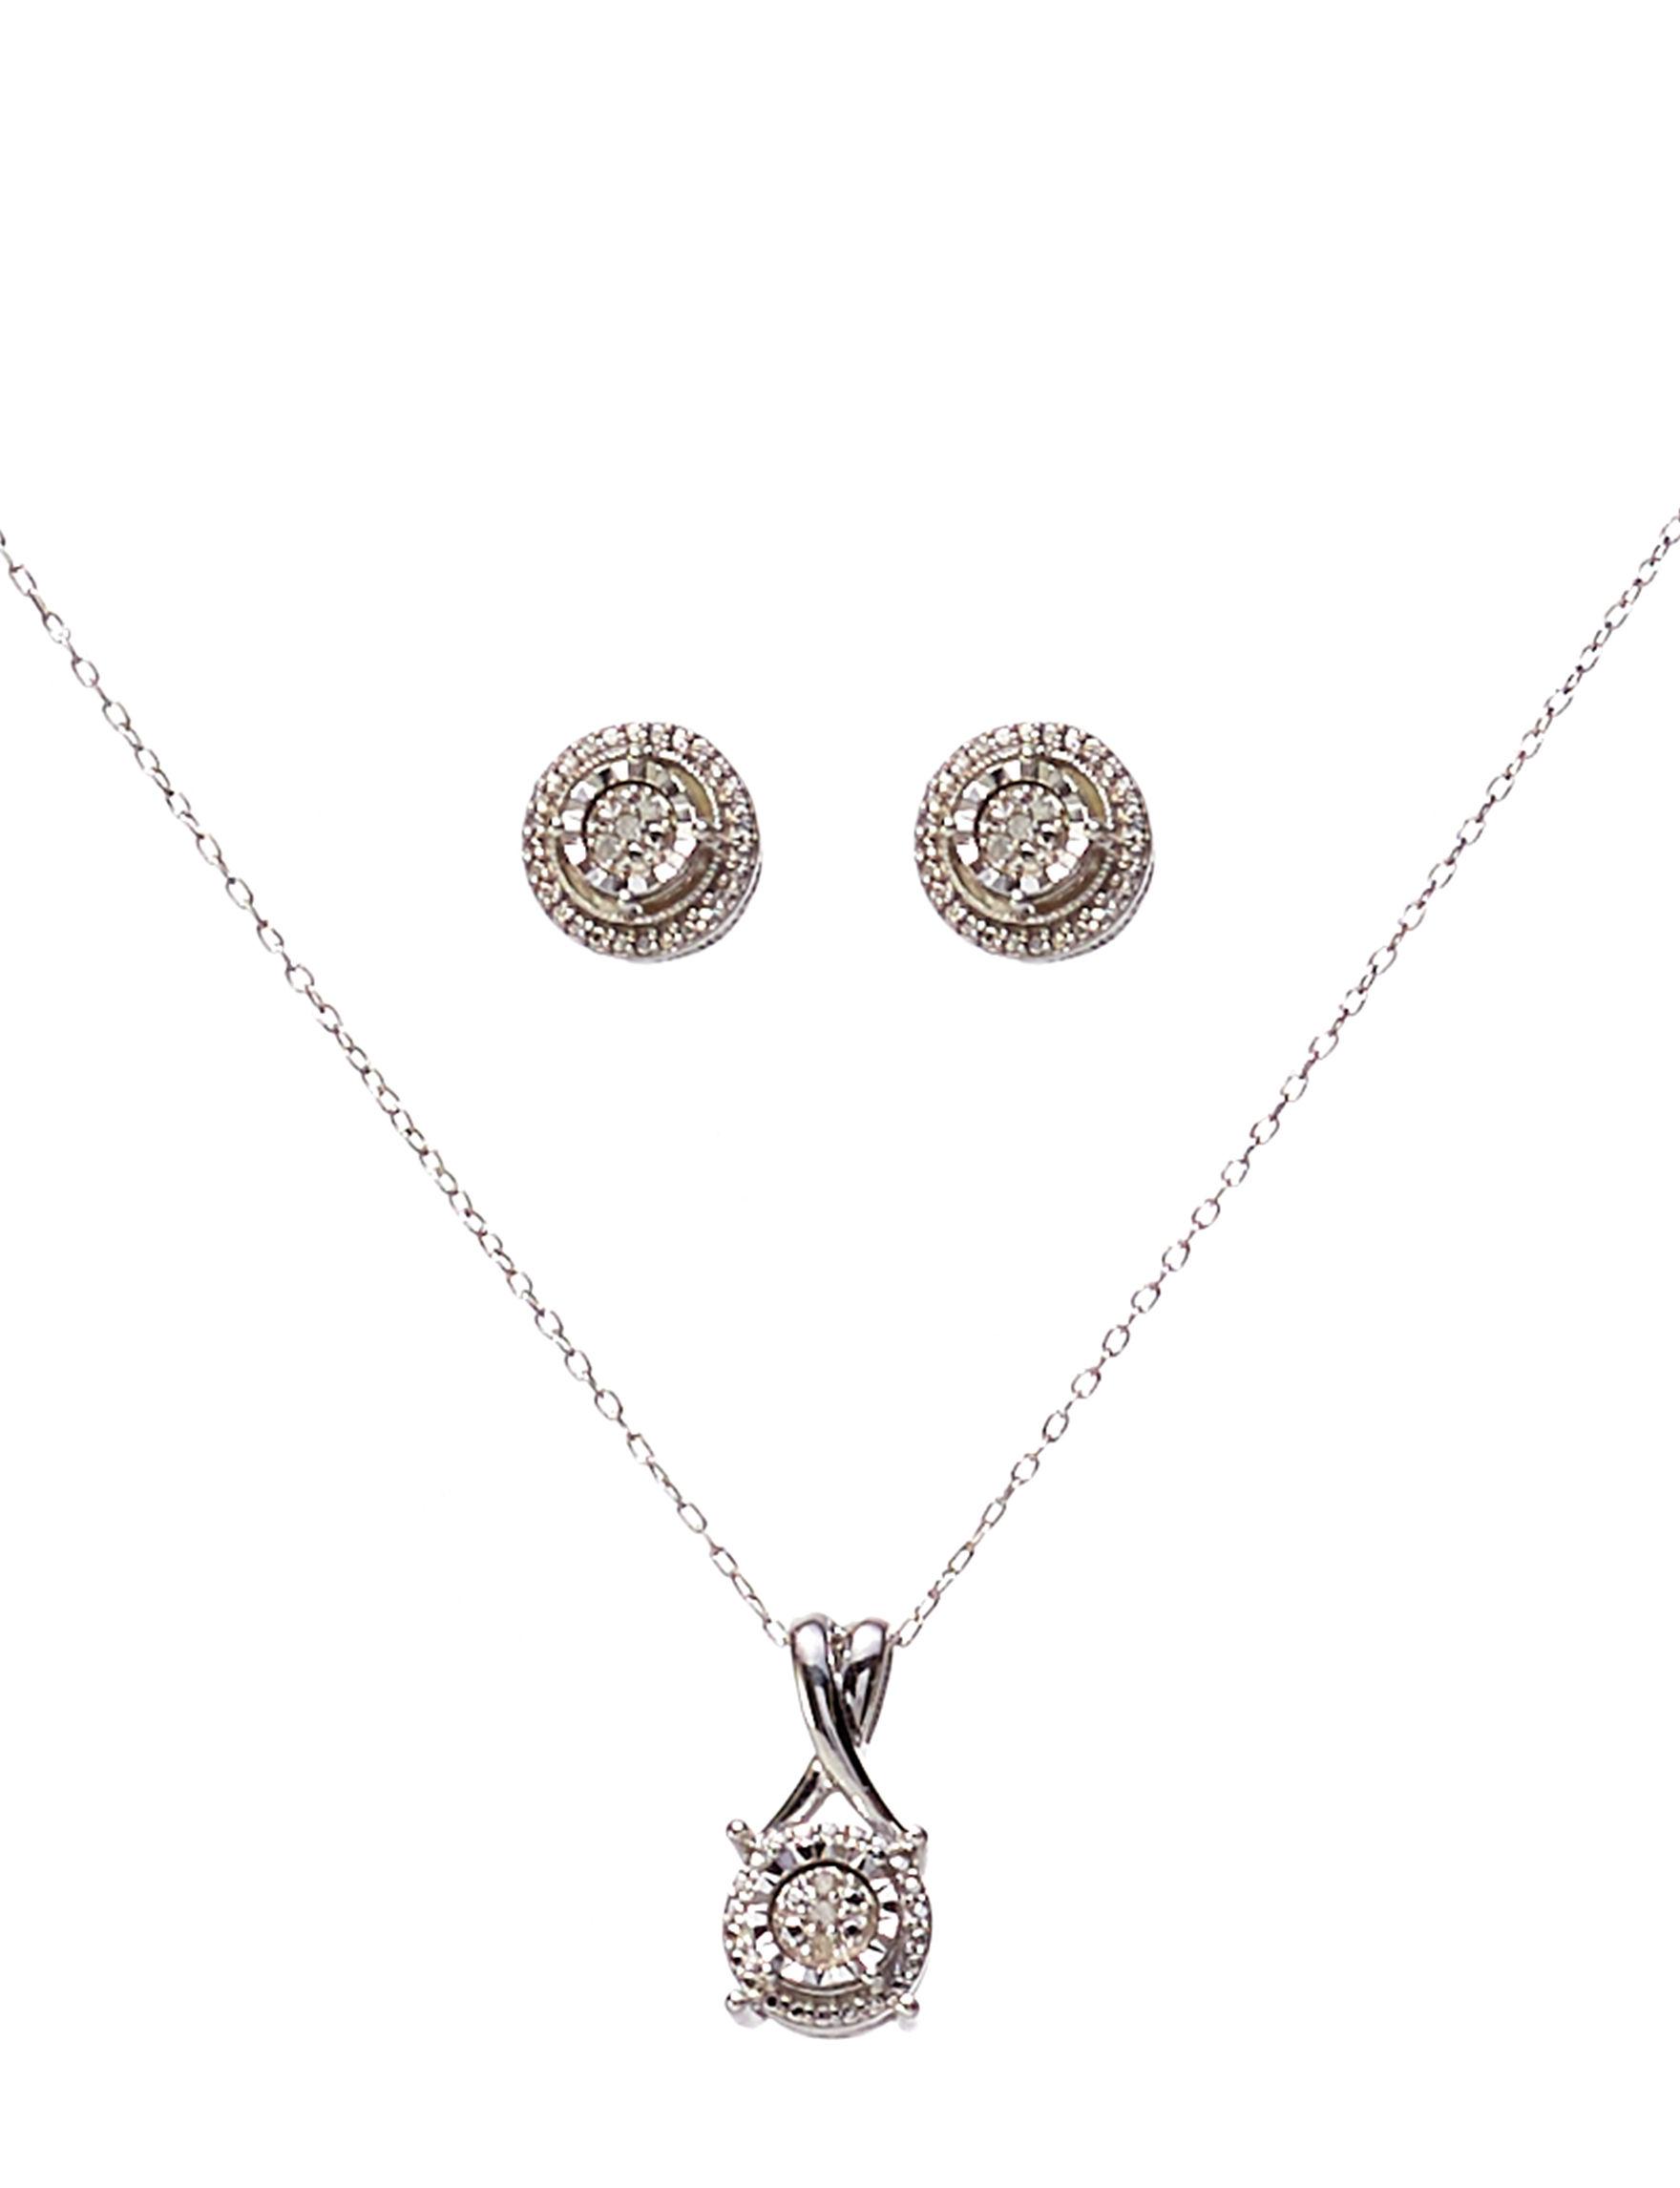 Marsala Silver Earrings Necklaces & Pendants Fine Jewelry